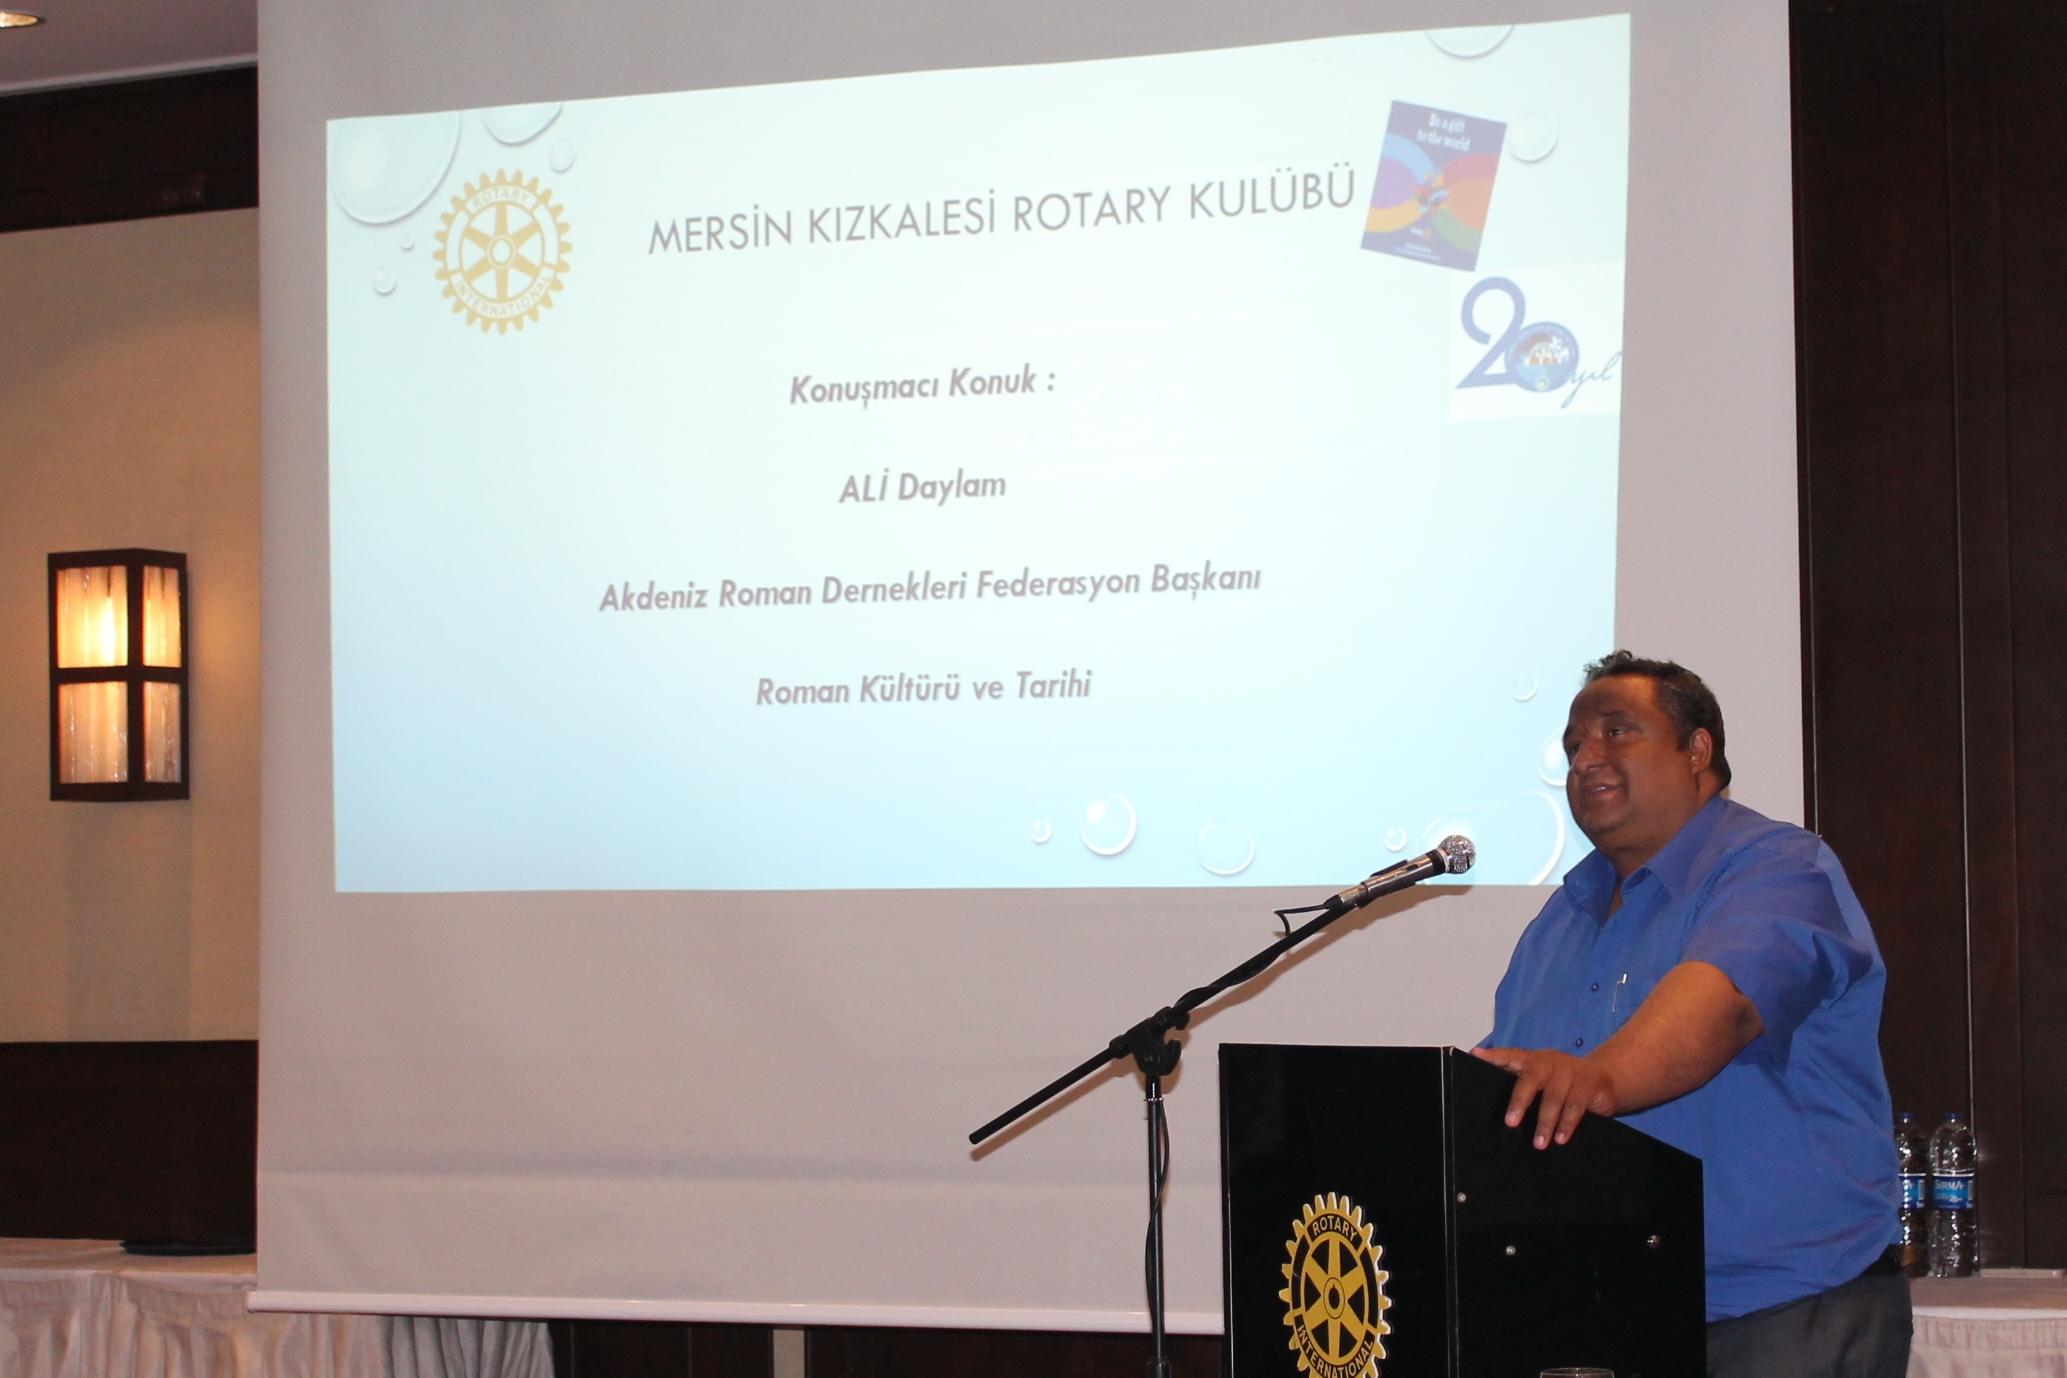 Başkan Ali Daylam Kızkalesi Rotary Kulübüne Konuk Oldu